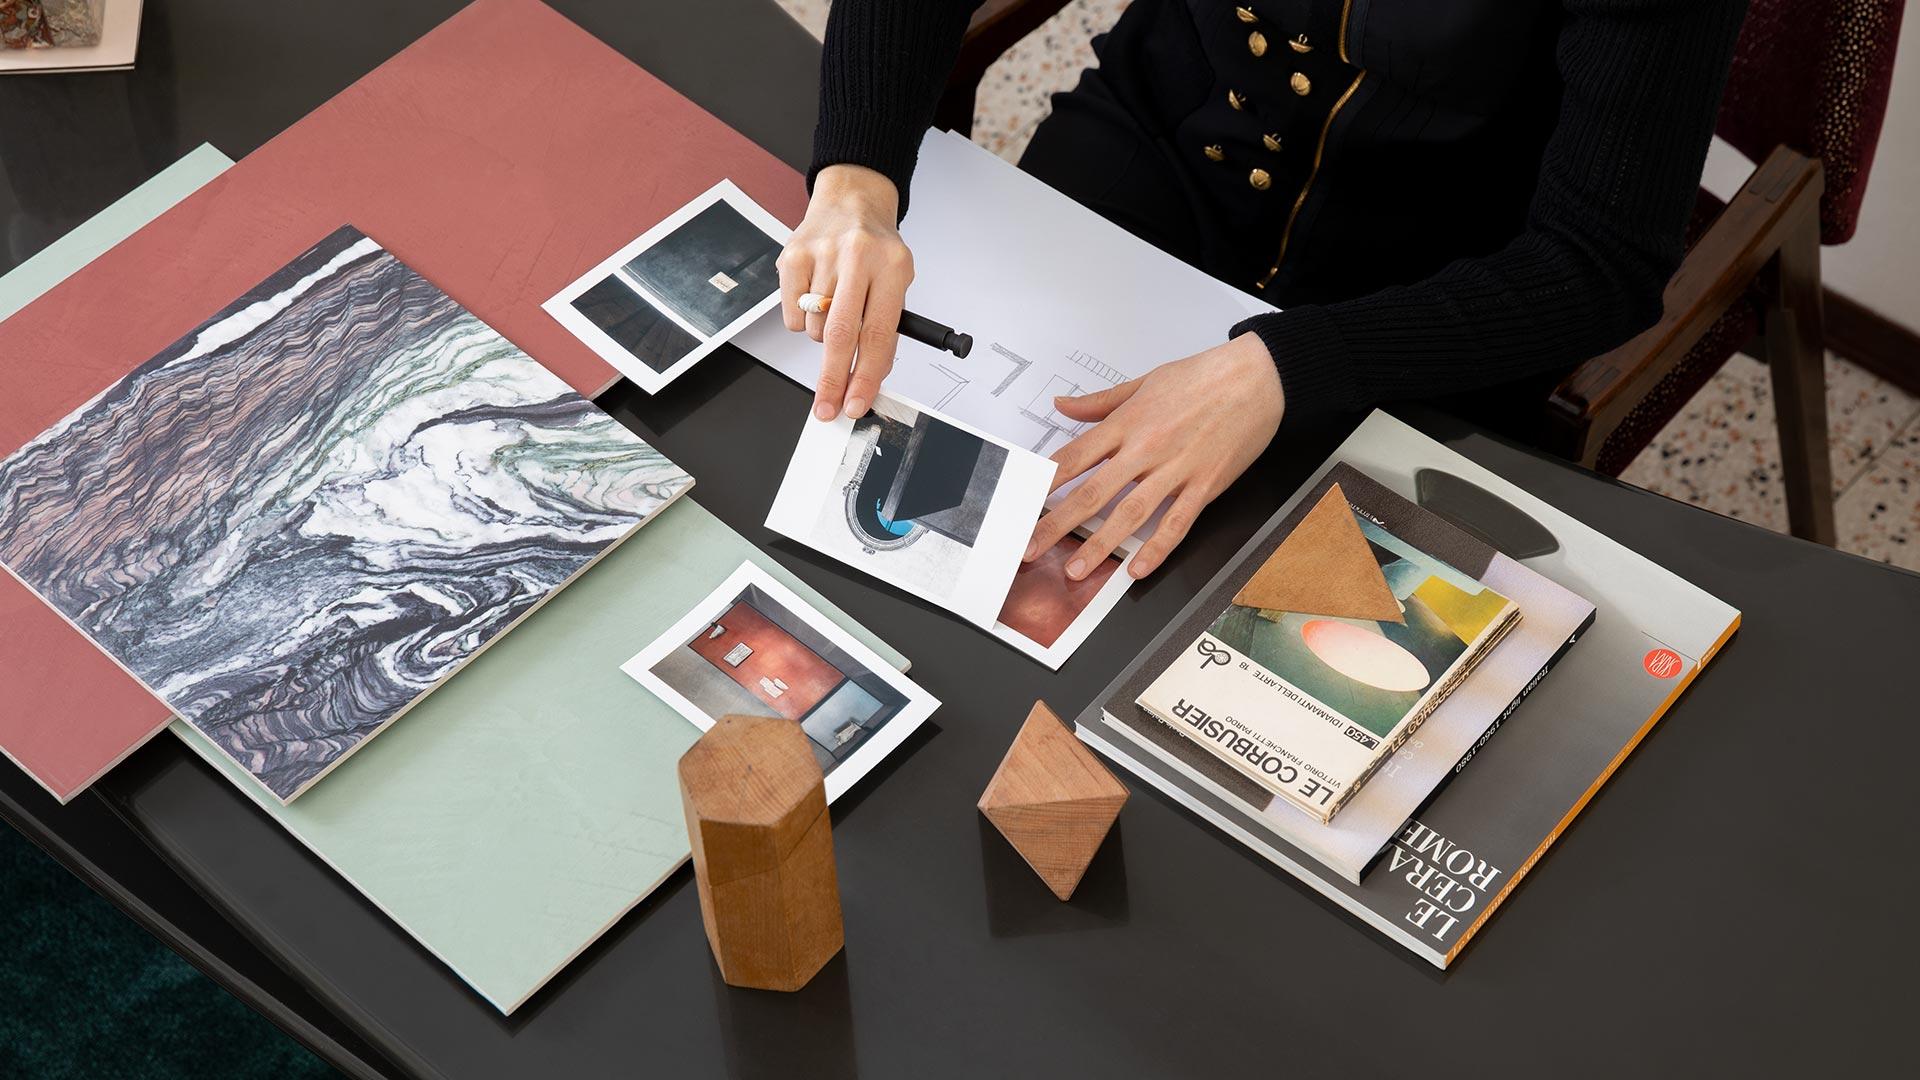 Materialet natyrore në krahasim me gres porcelanin: Tema që ndan dizajnerët Thumbnail